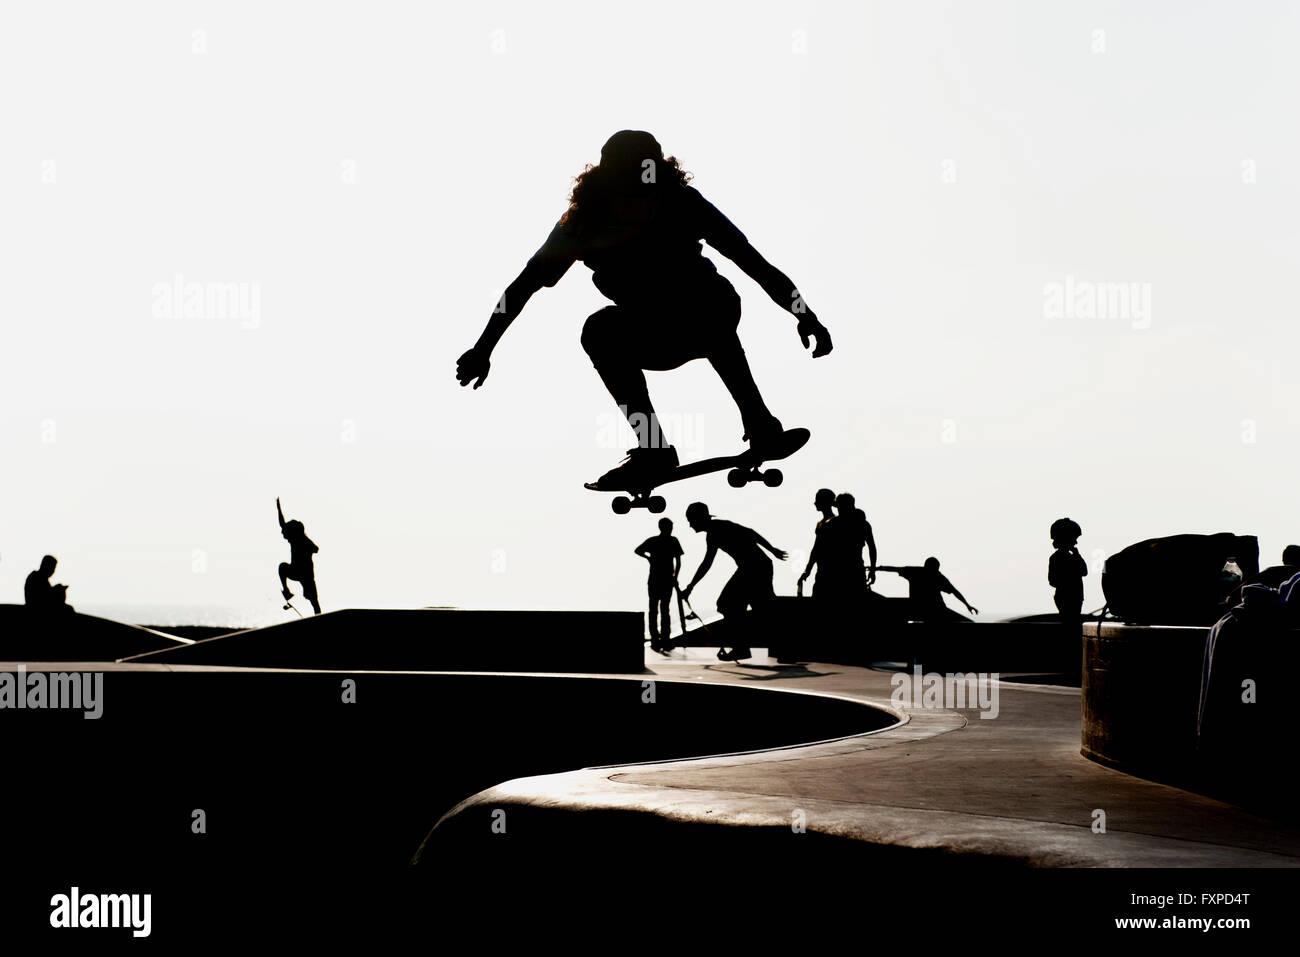 Skater en el parque de skate, perfilados Imagen De Stock